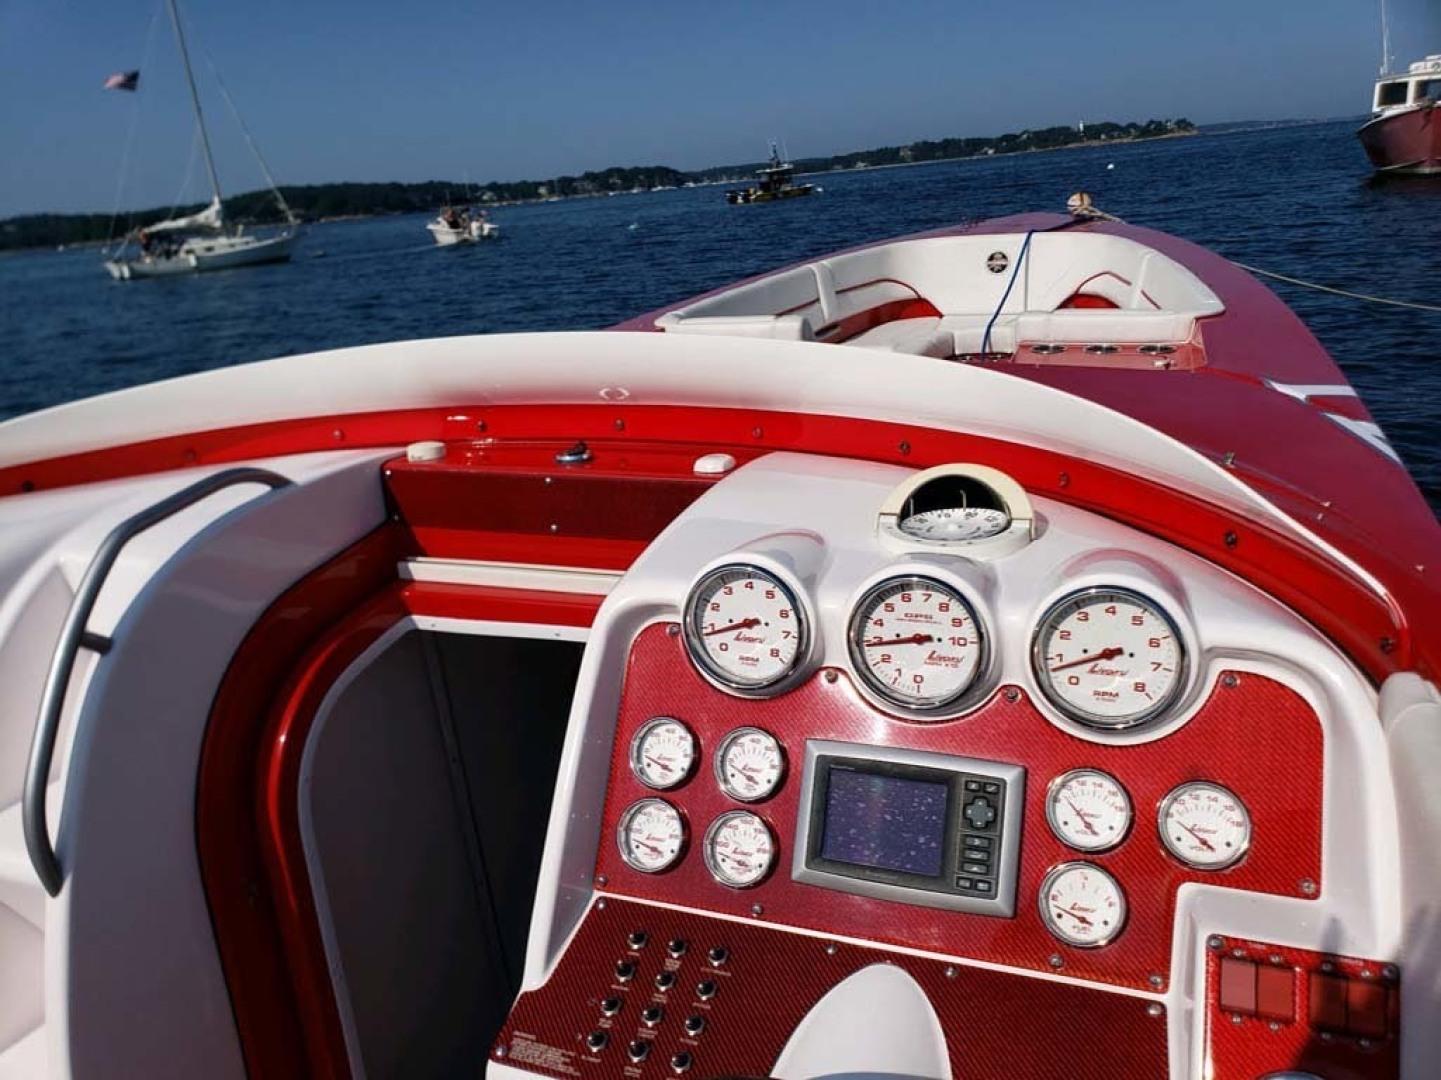 Donzi-ZRO Open 2011 -Medford-Massachusetts-United States-Helm Dash-1388043 | Thumbnail